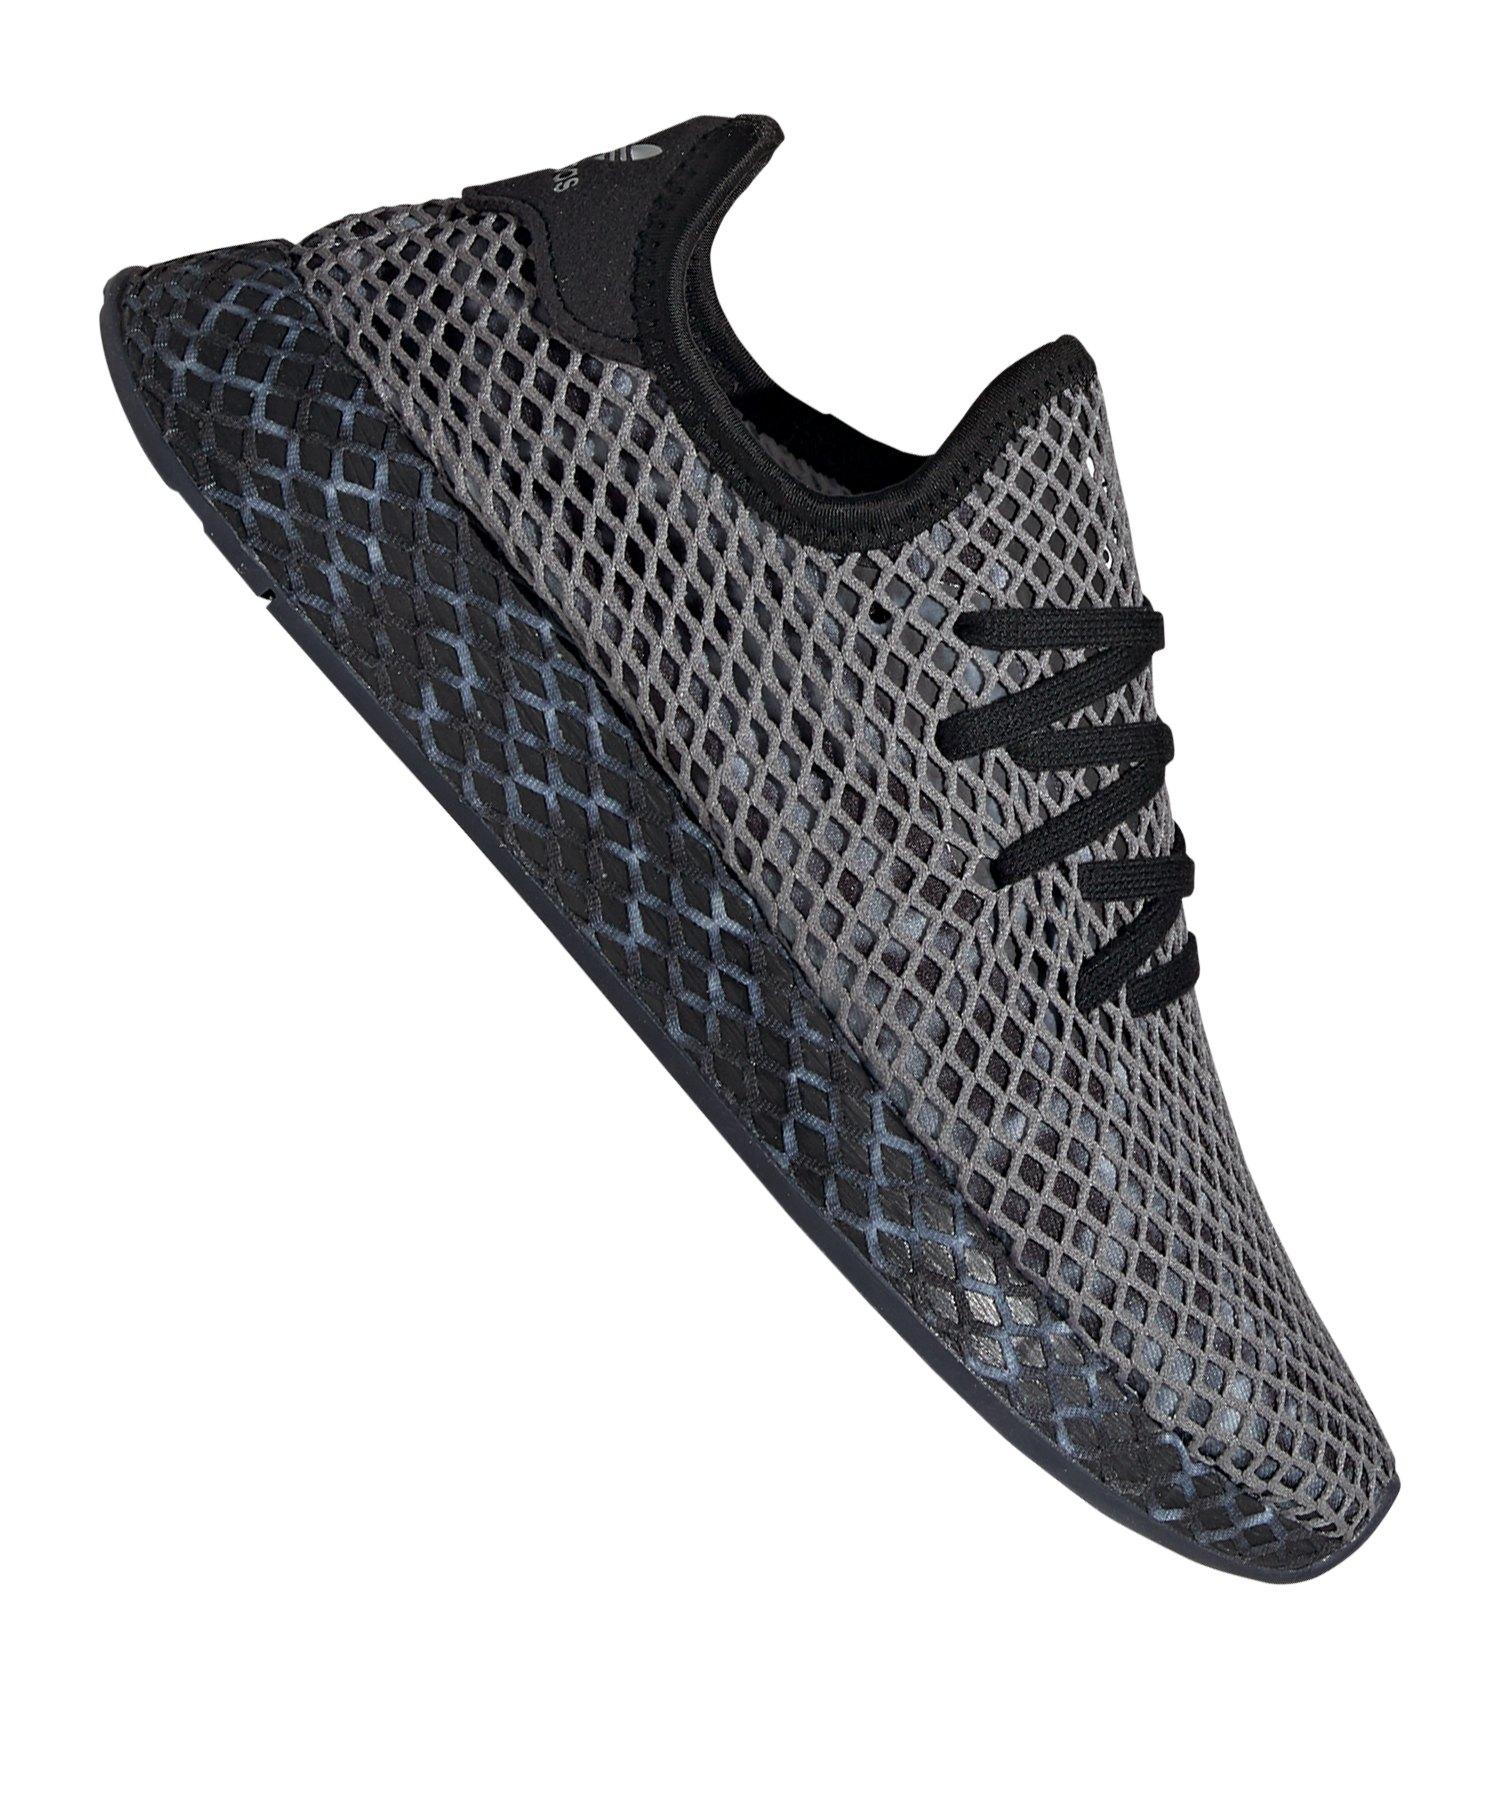 Adidas Schuhe Herren Wien Adidas Originals Deerupt Runner